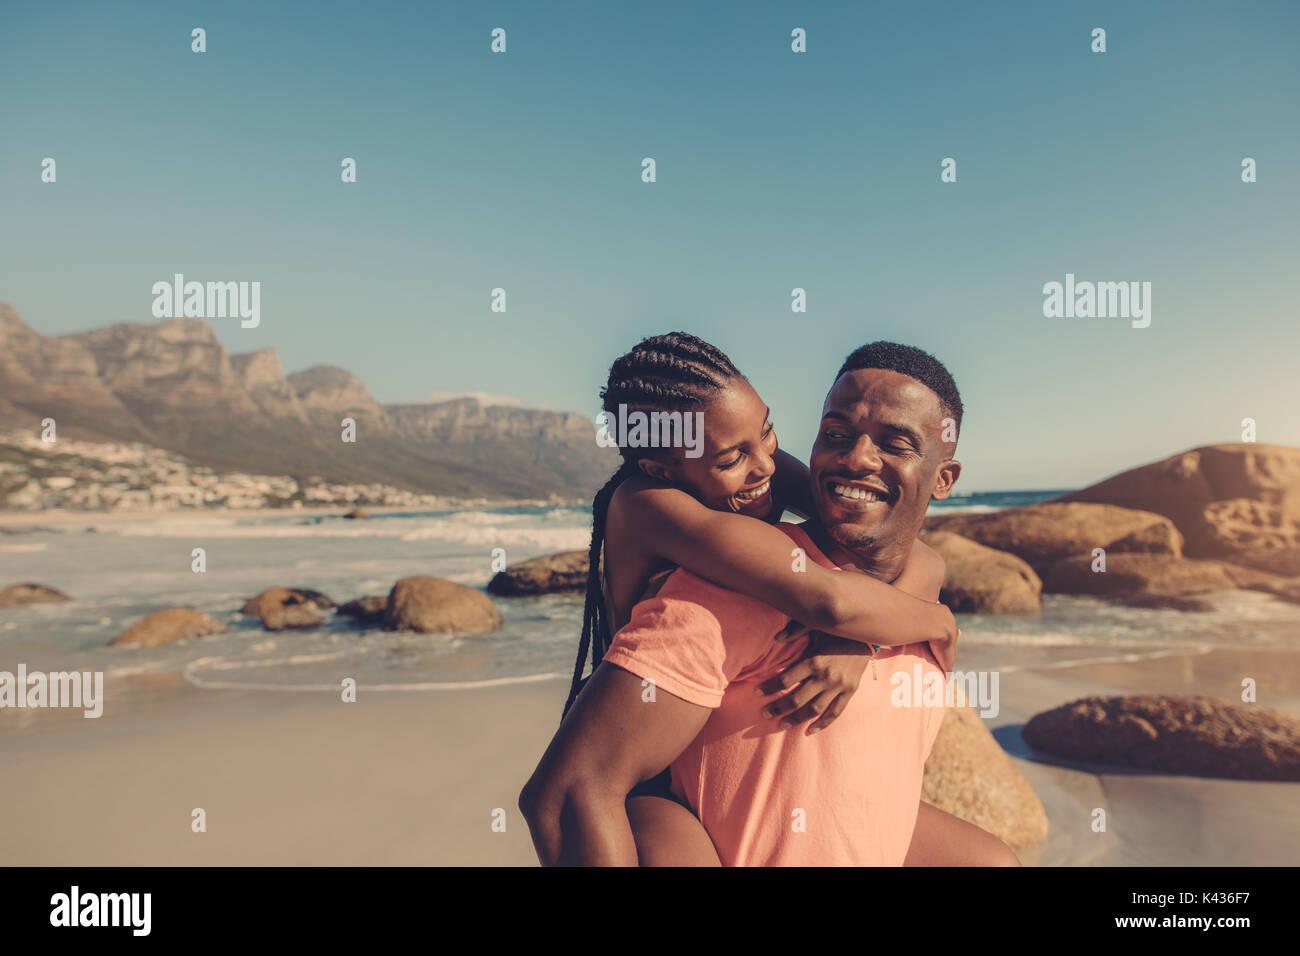 Apuesto hombre africano dando piggyback paseo a su novia sonriente en la playa. Pareja divirtiéndose en la orilla del mar. Imagen De Stock